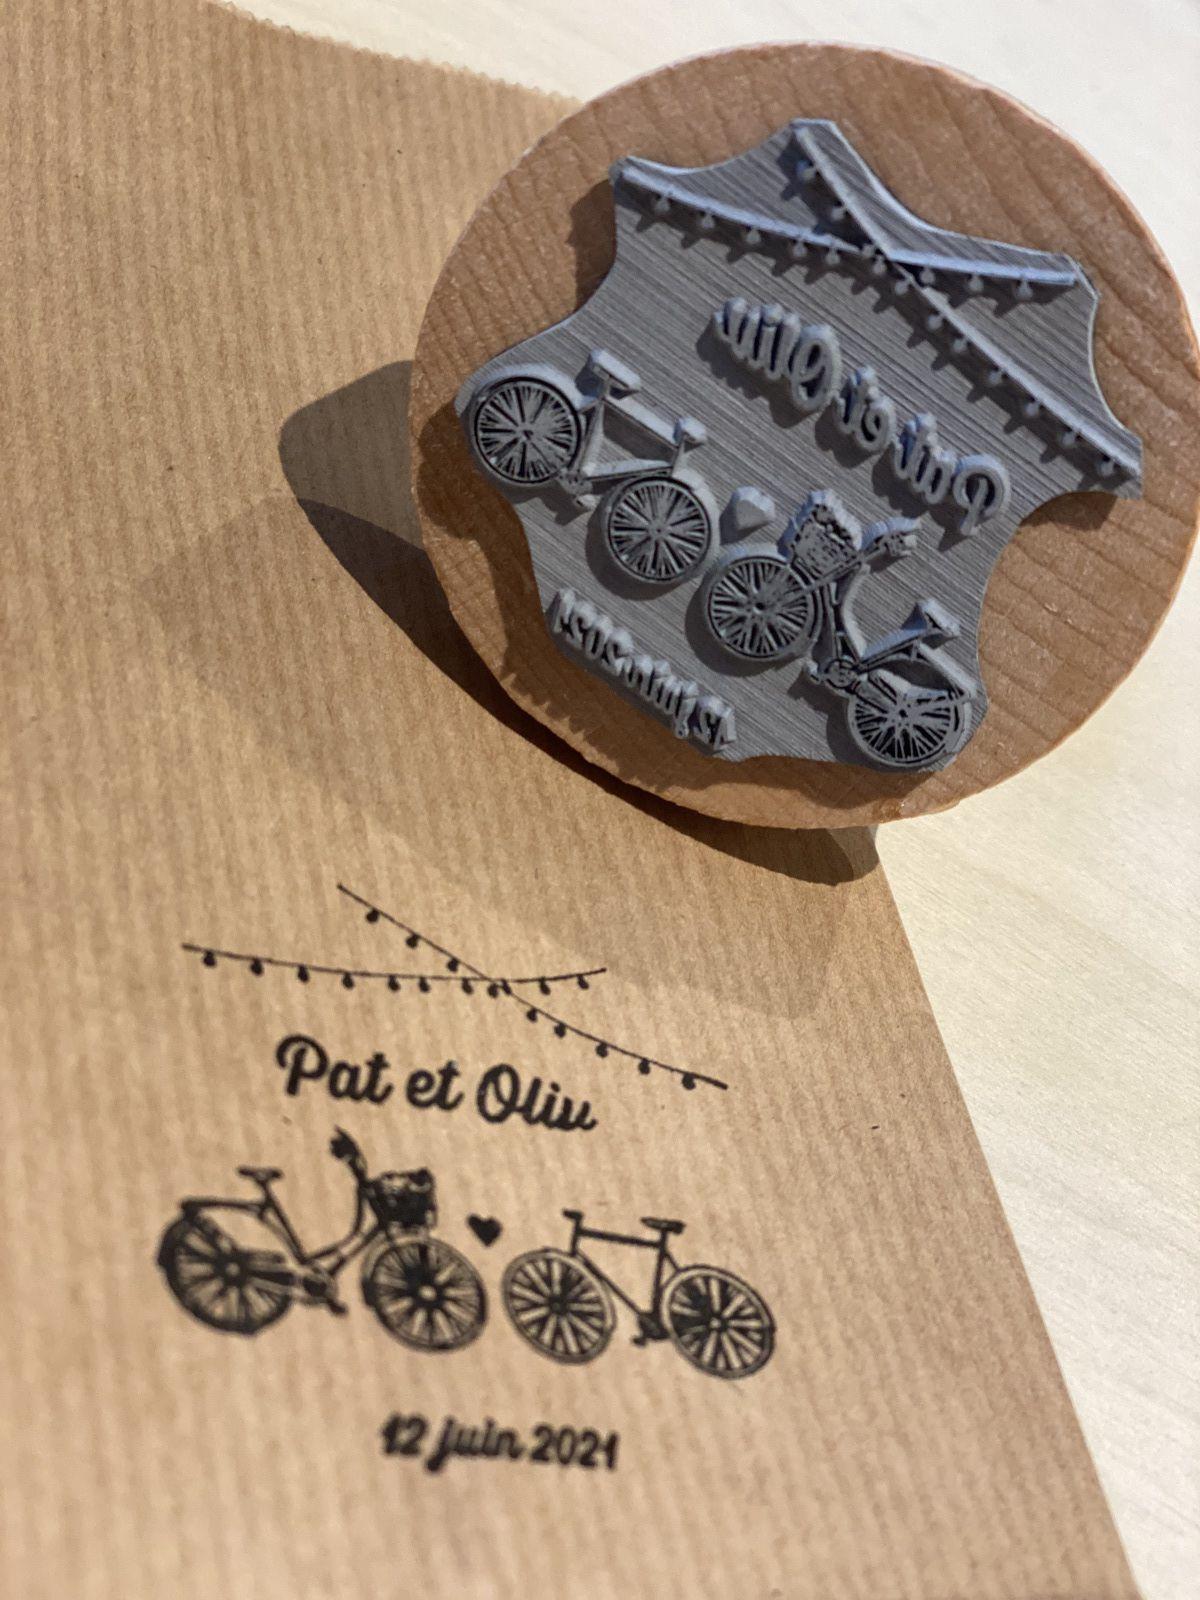 tampon montage support bois thème guinguette vélos #efdcbysoscrap personnaliser encre non fourni